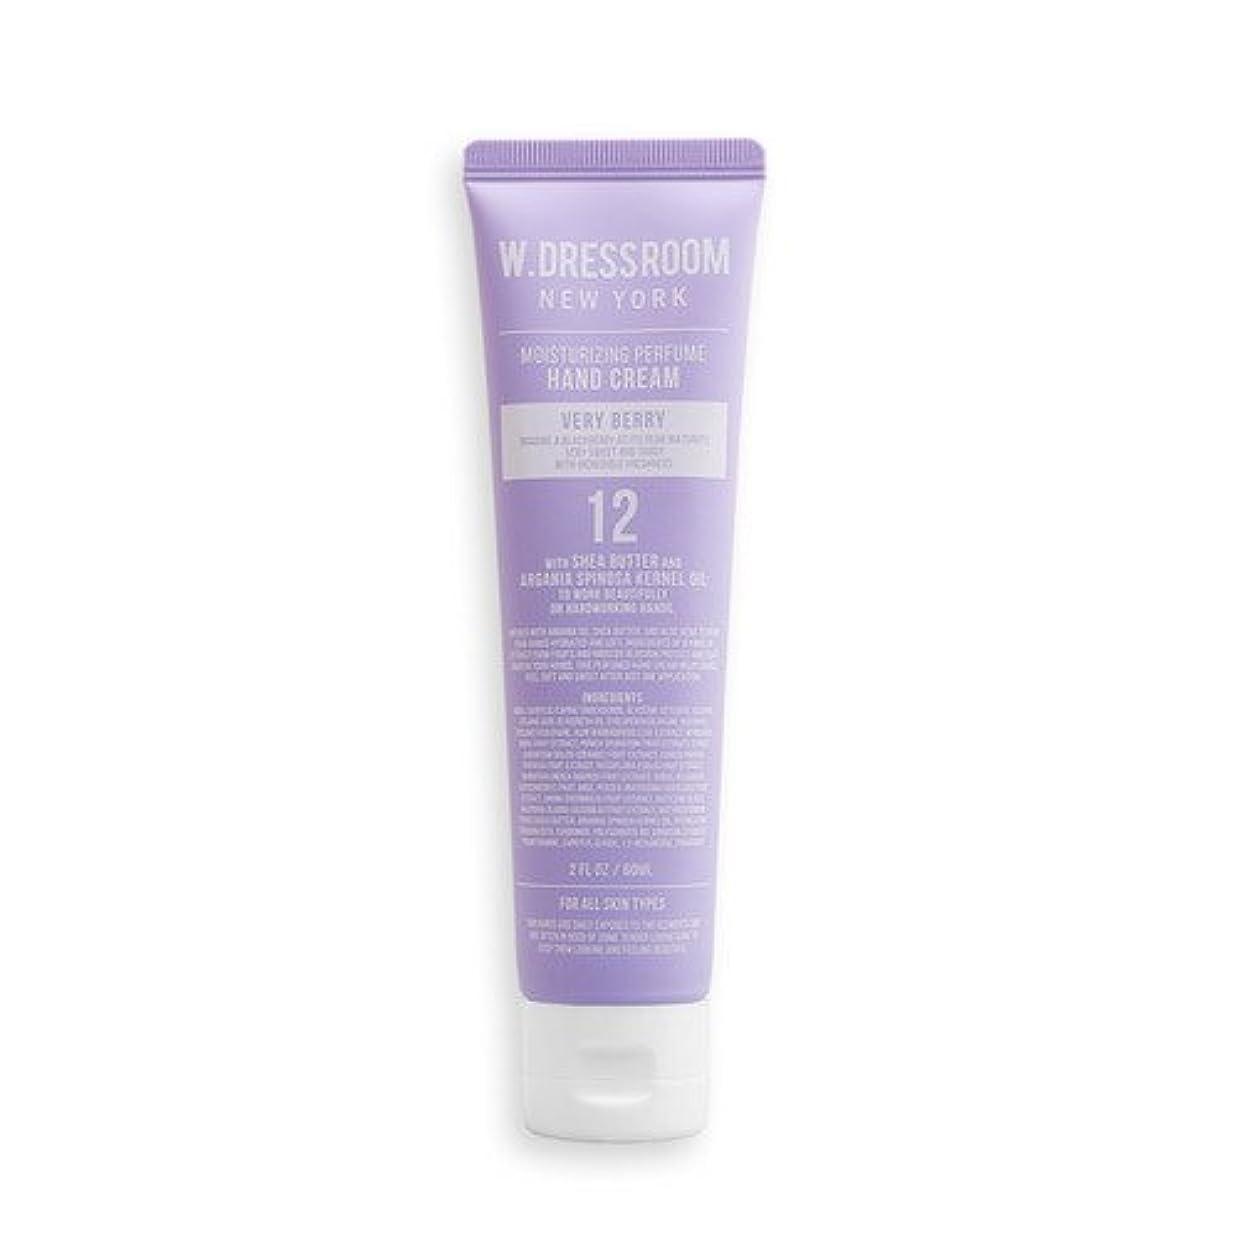 くすぐったい音節飼い慣らすW.DRESSROOM Moisturizing Perfume Hand Cream 60ml/ダブルドレスルーム モイスチャライジング パフューム ハンドクリーム 60ml (#No.12 Very Berry) [...